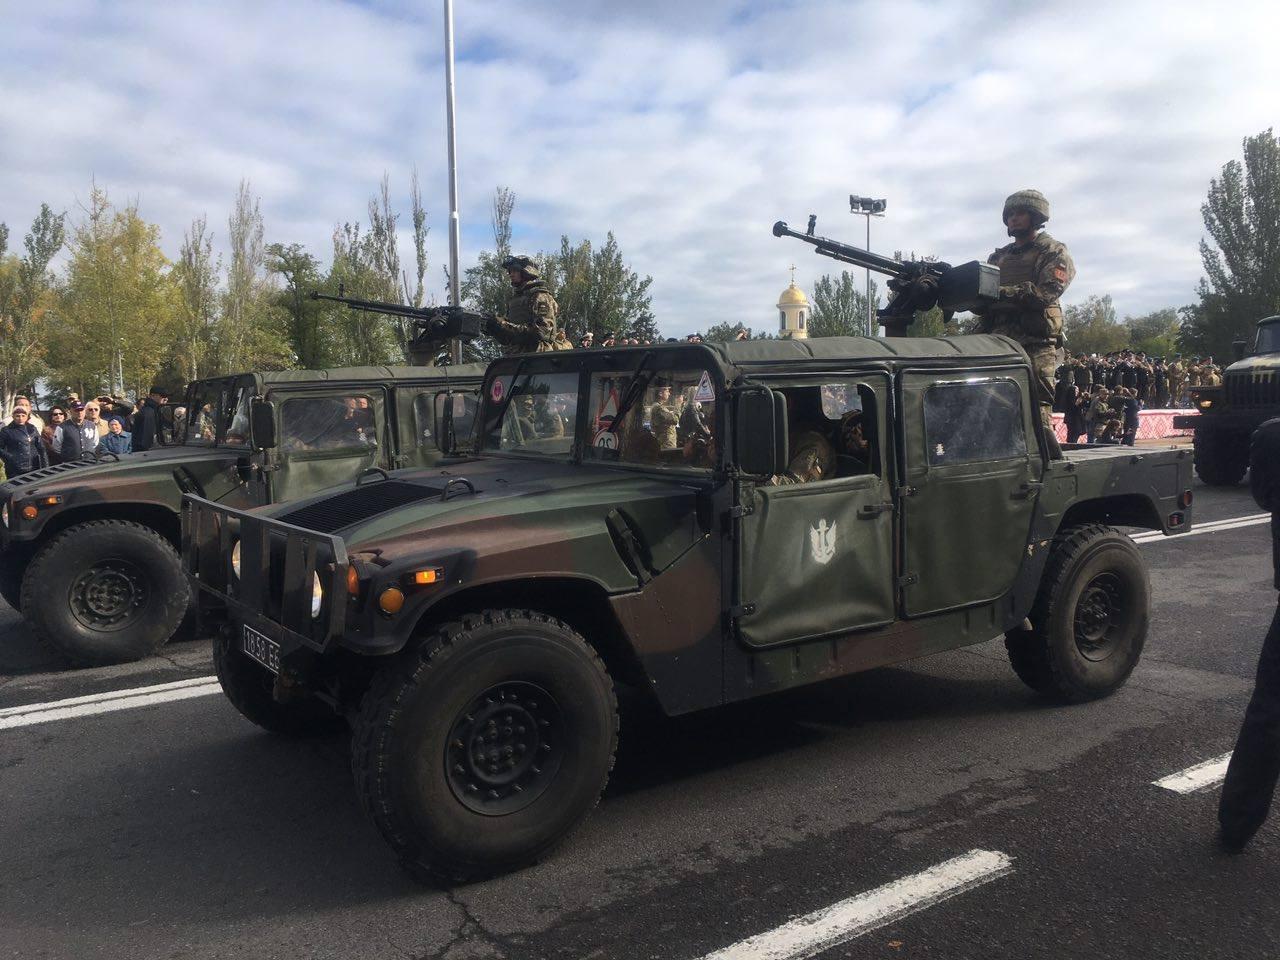 Подразделения 36-й отдельной бригады морской пехоты ВМС Украины на параде в Николеве, 17.10.2017.